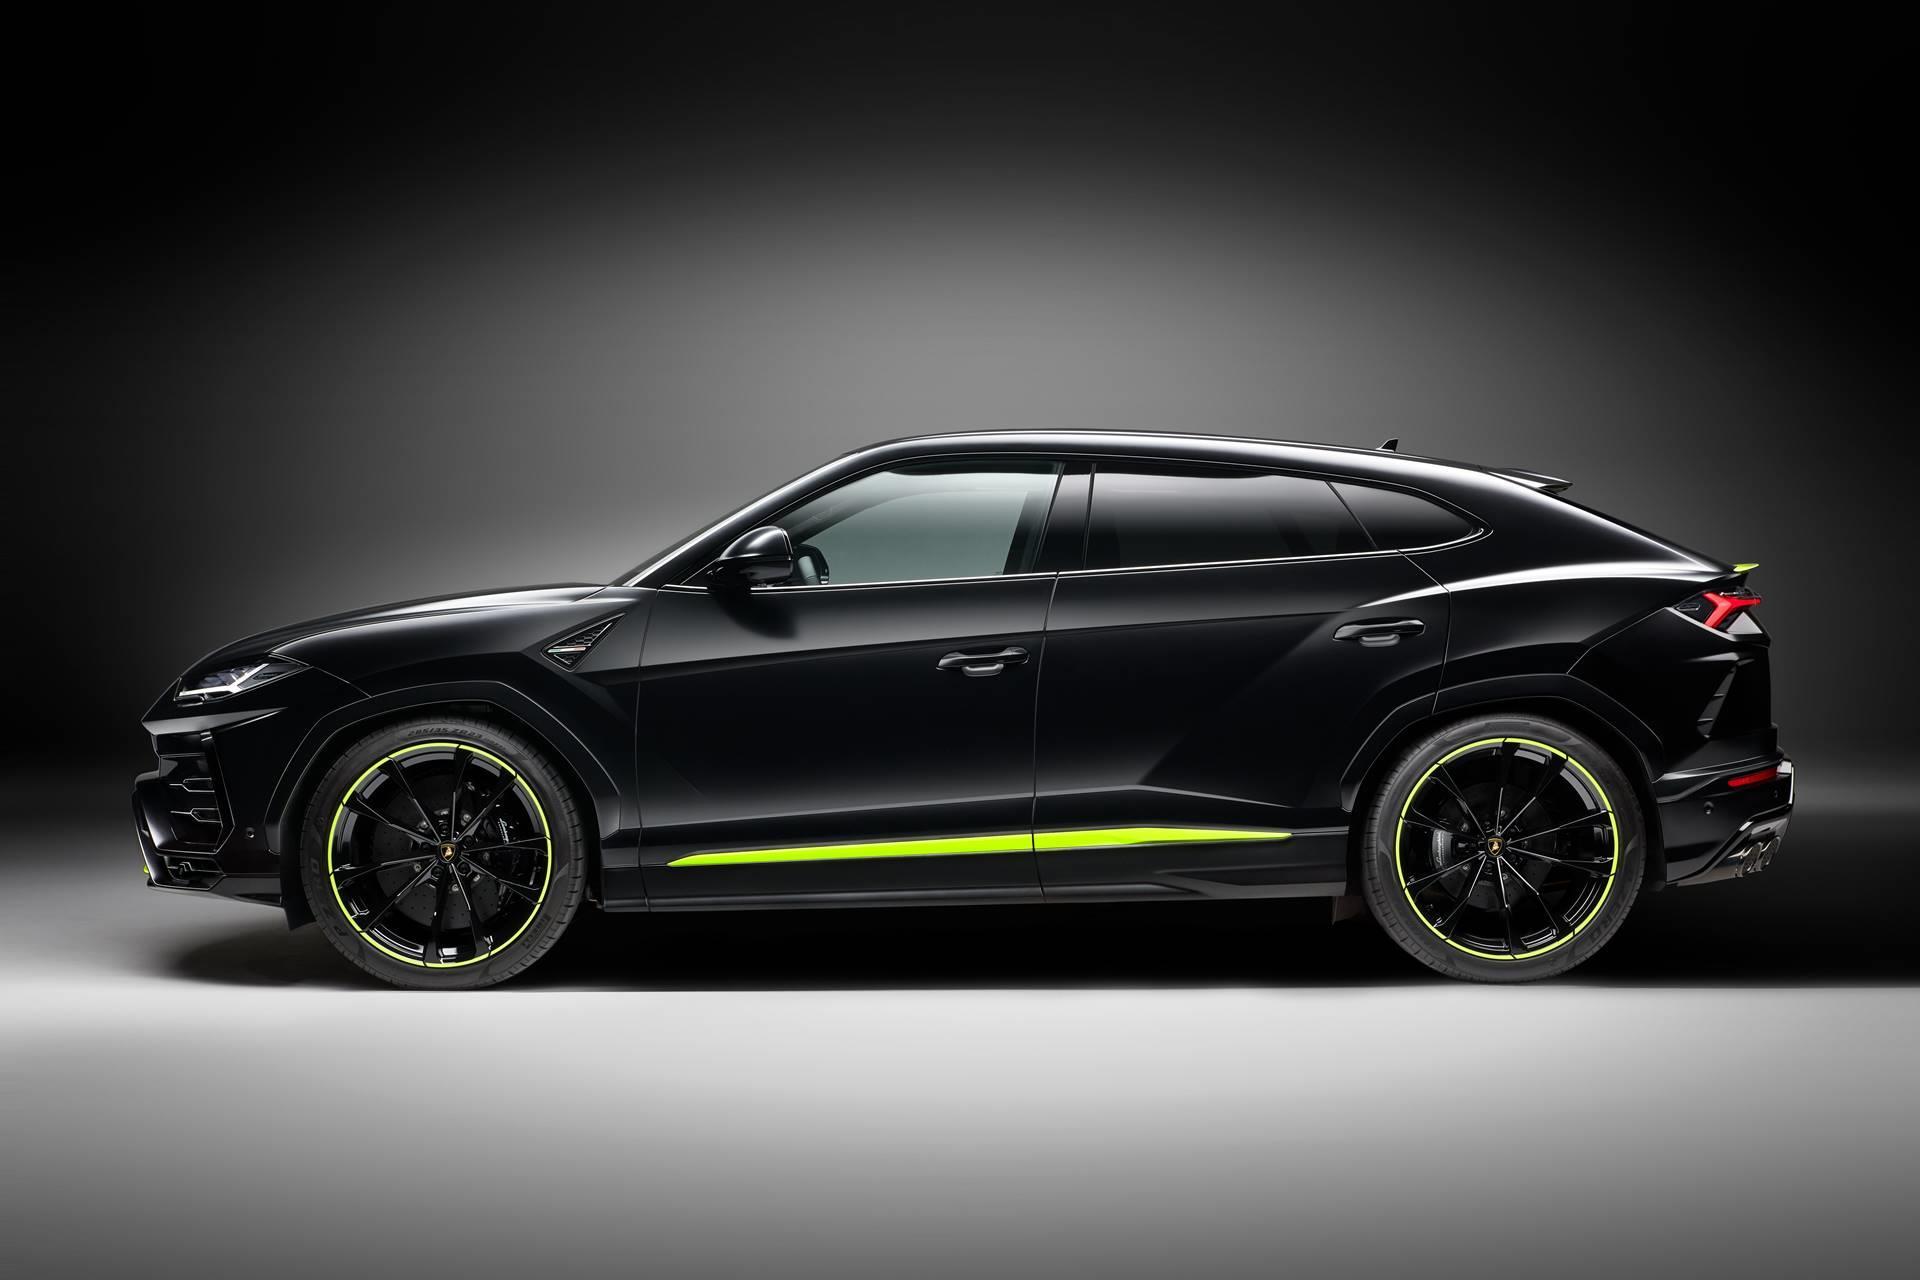 2021 Lamborghini Urus Graphite Capsule News And Information